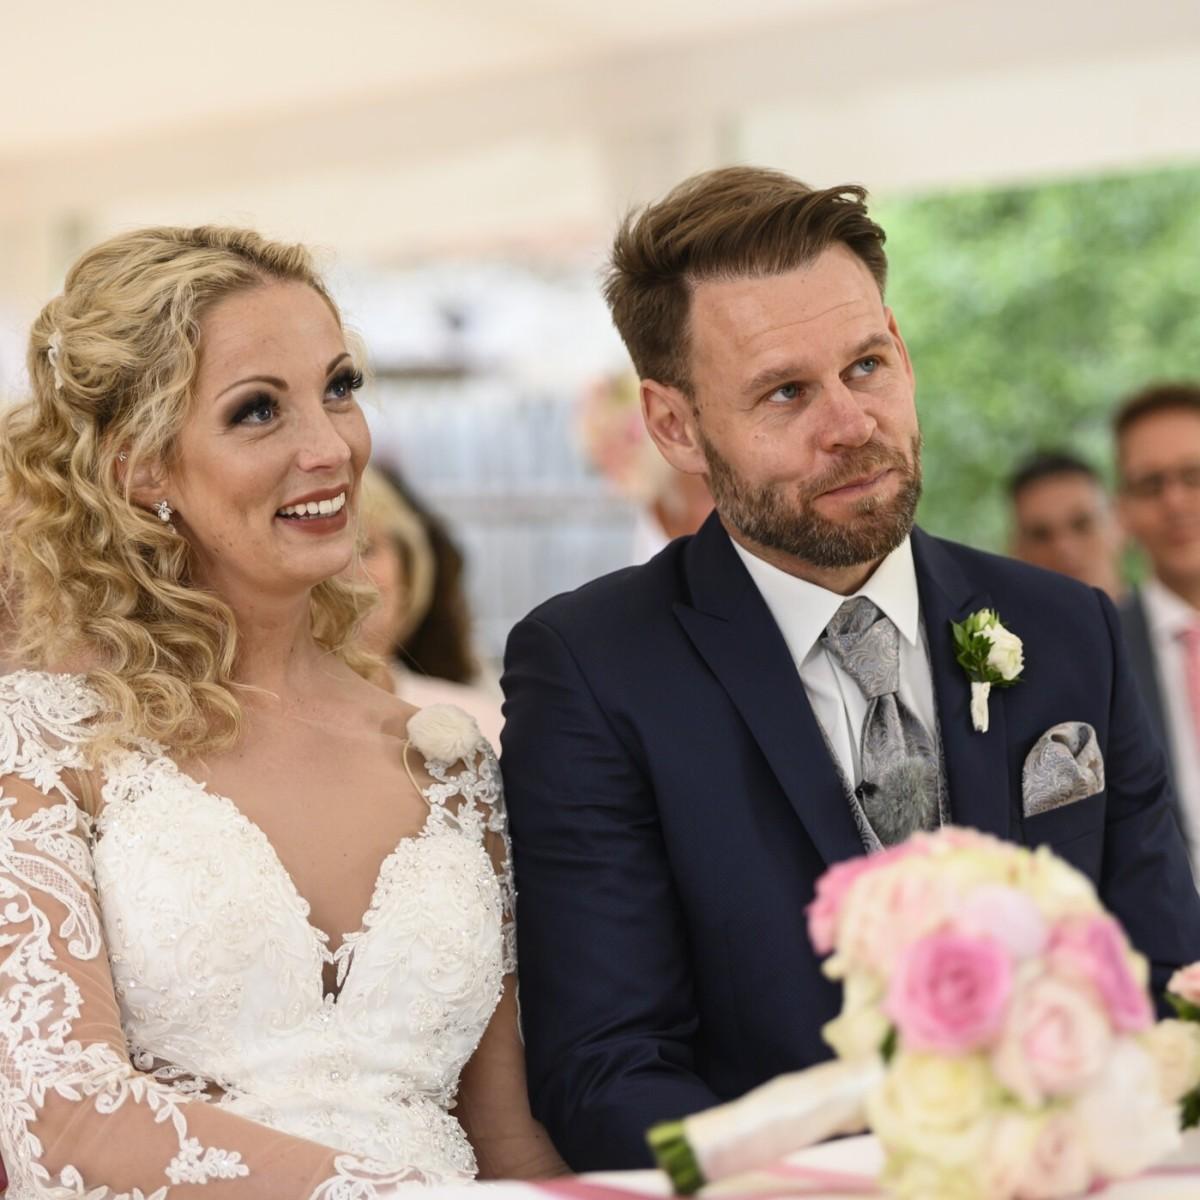 Hochzeit Auf Den Ersten Blick Cindy Und Alex Trauen Sich Nochmal Bildderfrau De